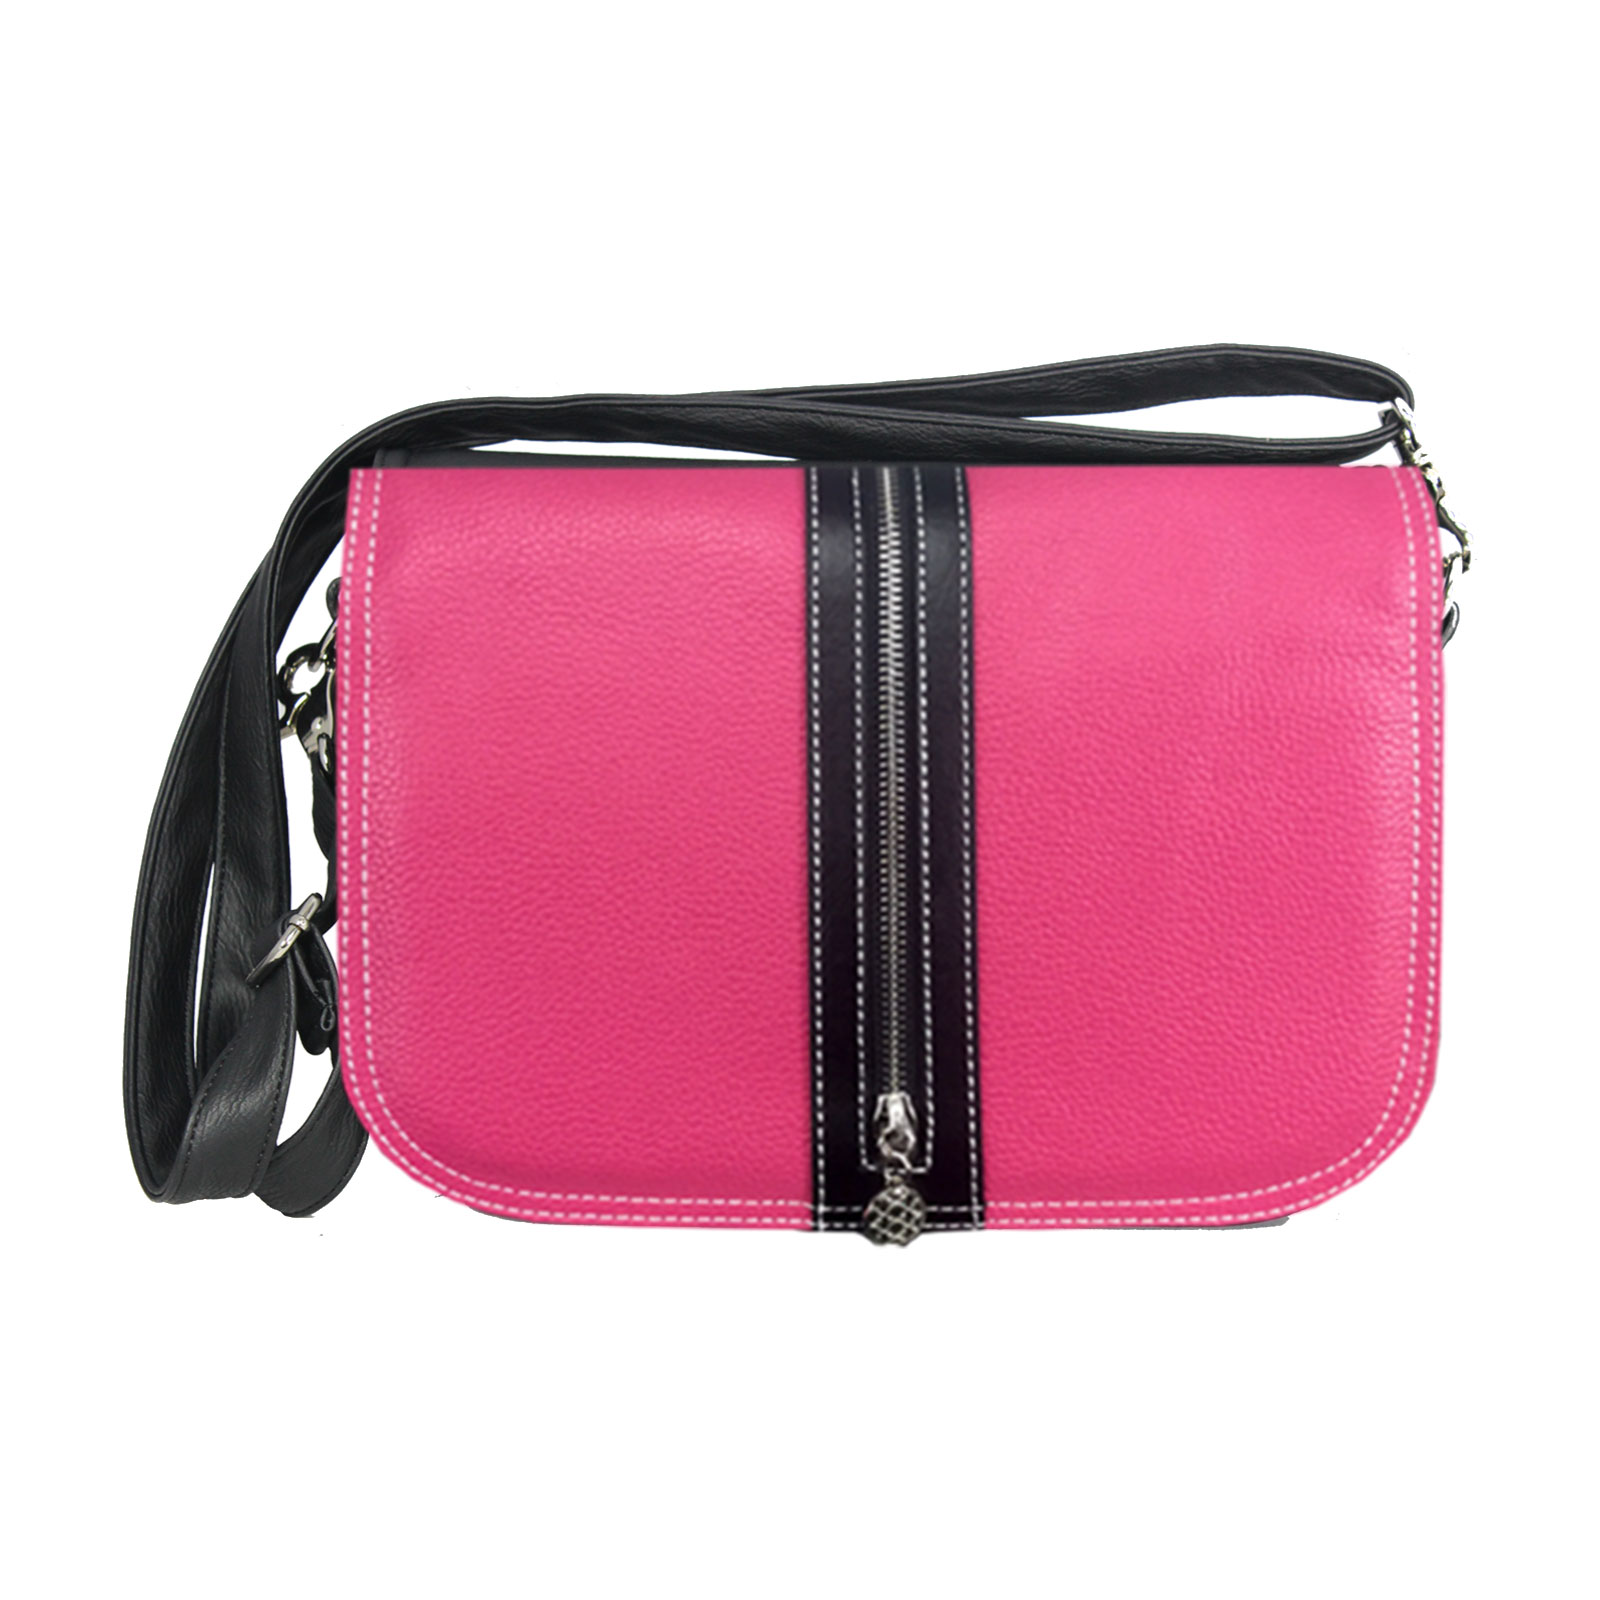 Pinkfarbene Handtasche mit schwarzen Zierreissverschluss